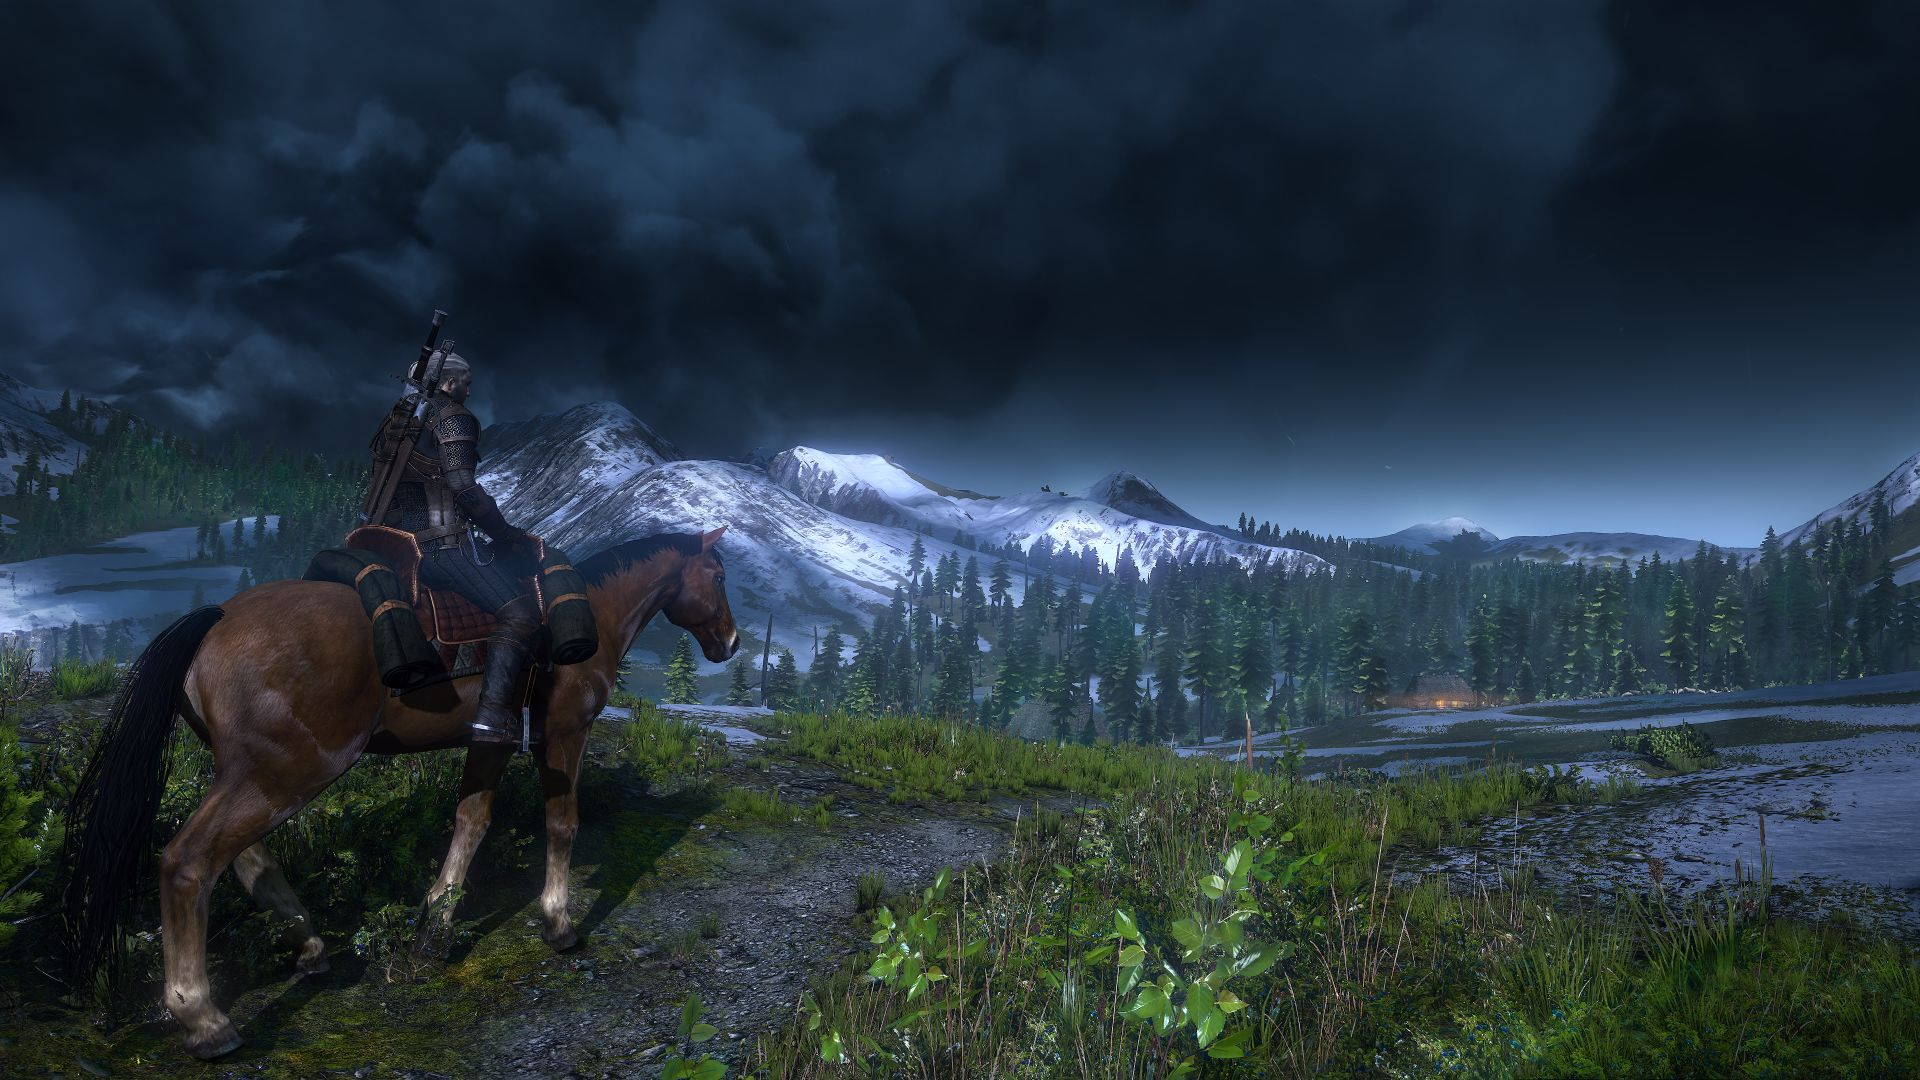 Des infos sur The Witcher III : Wild Hunt